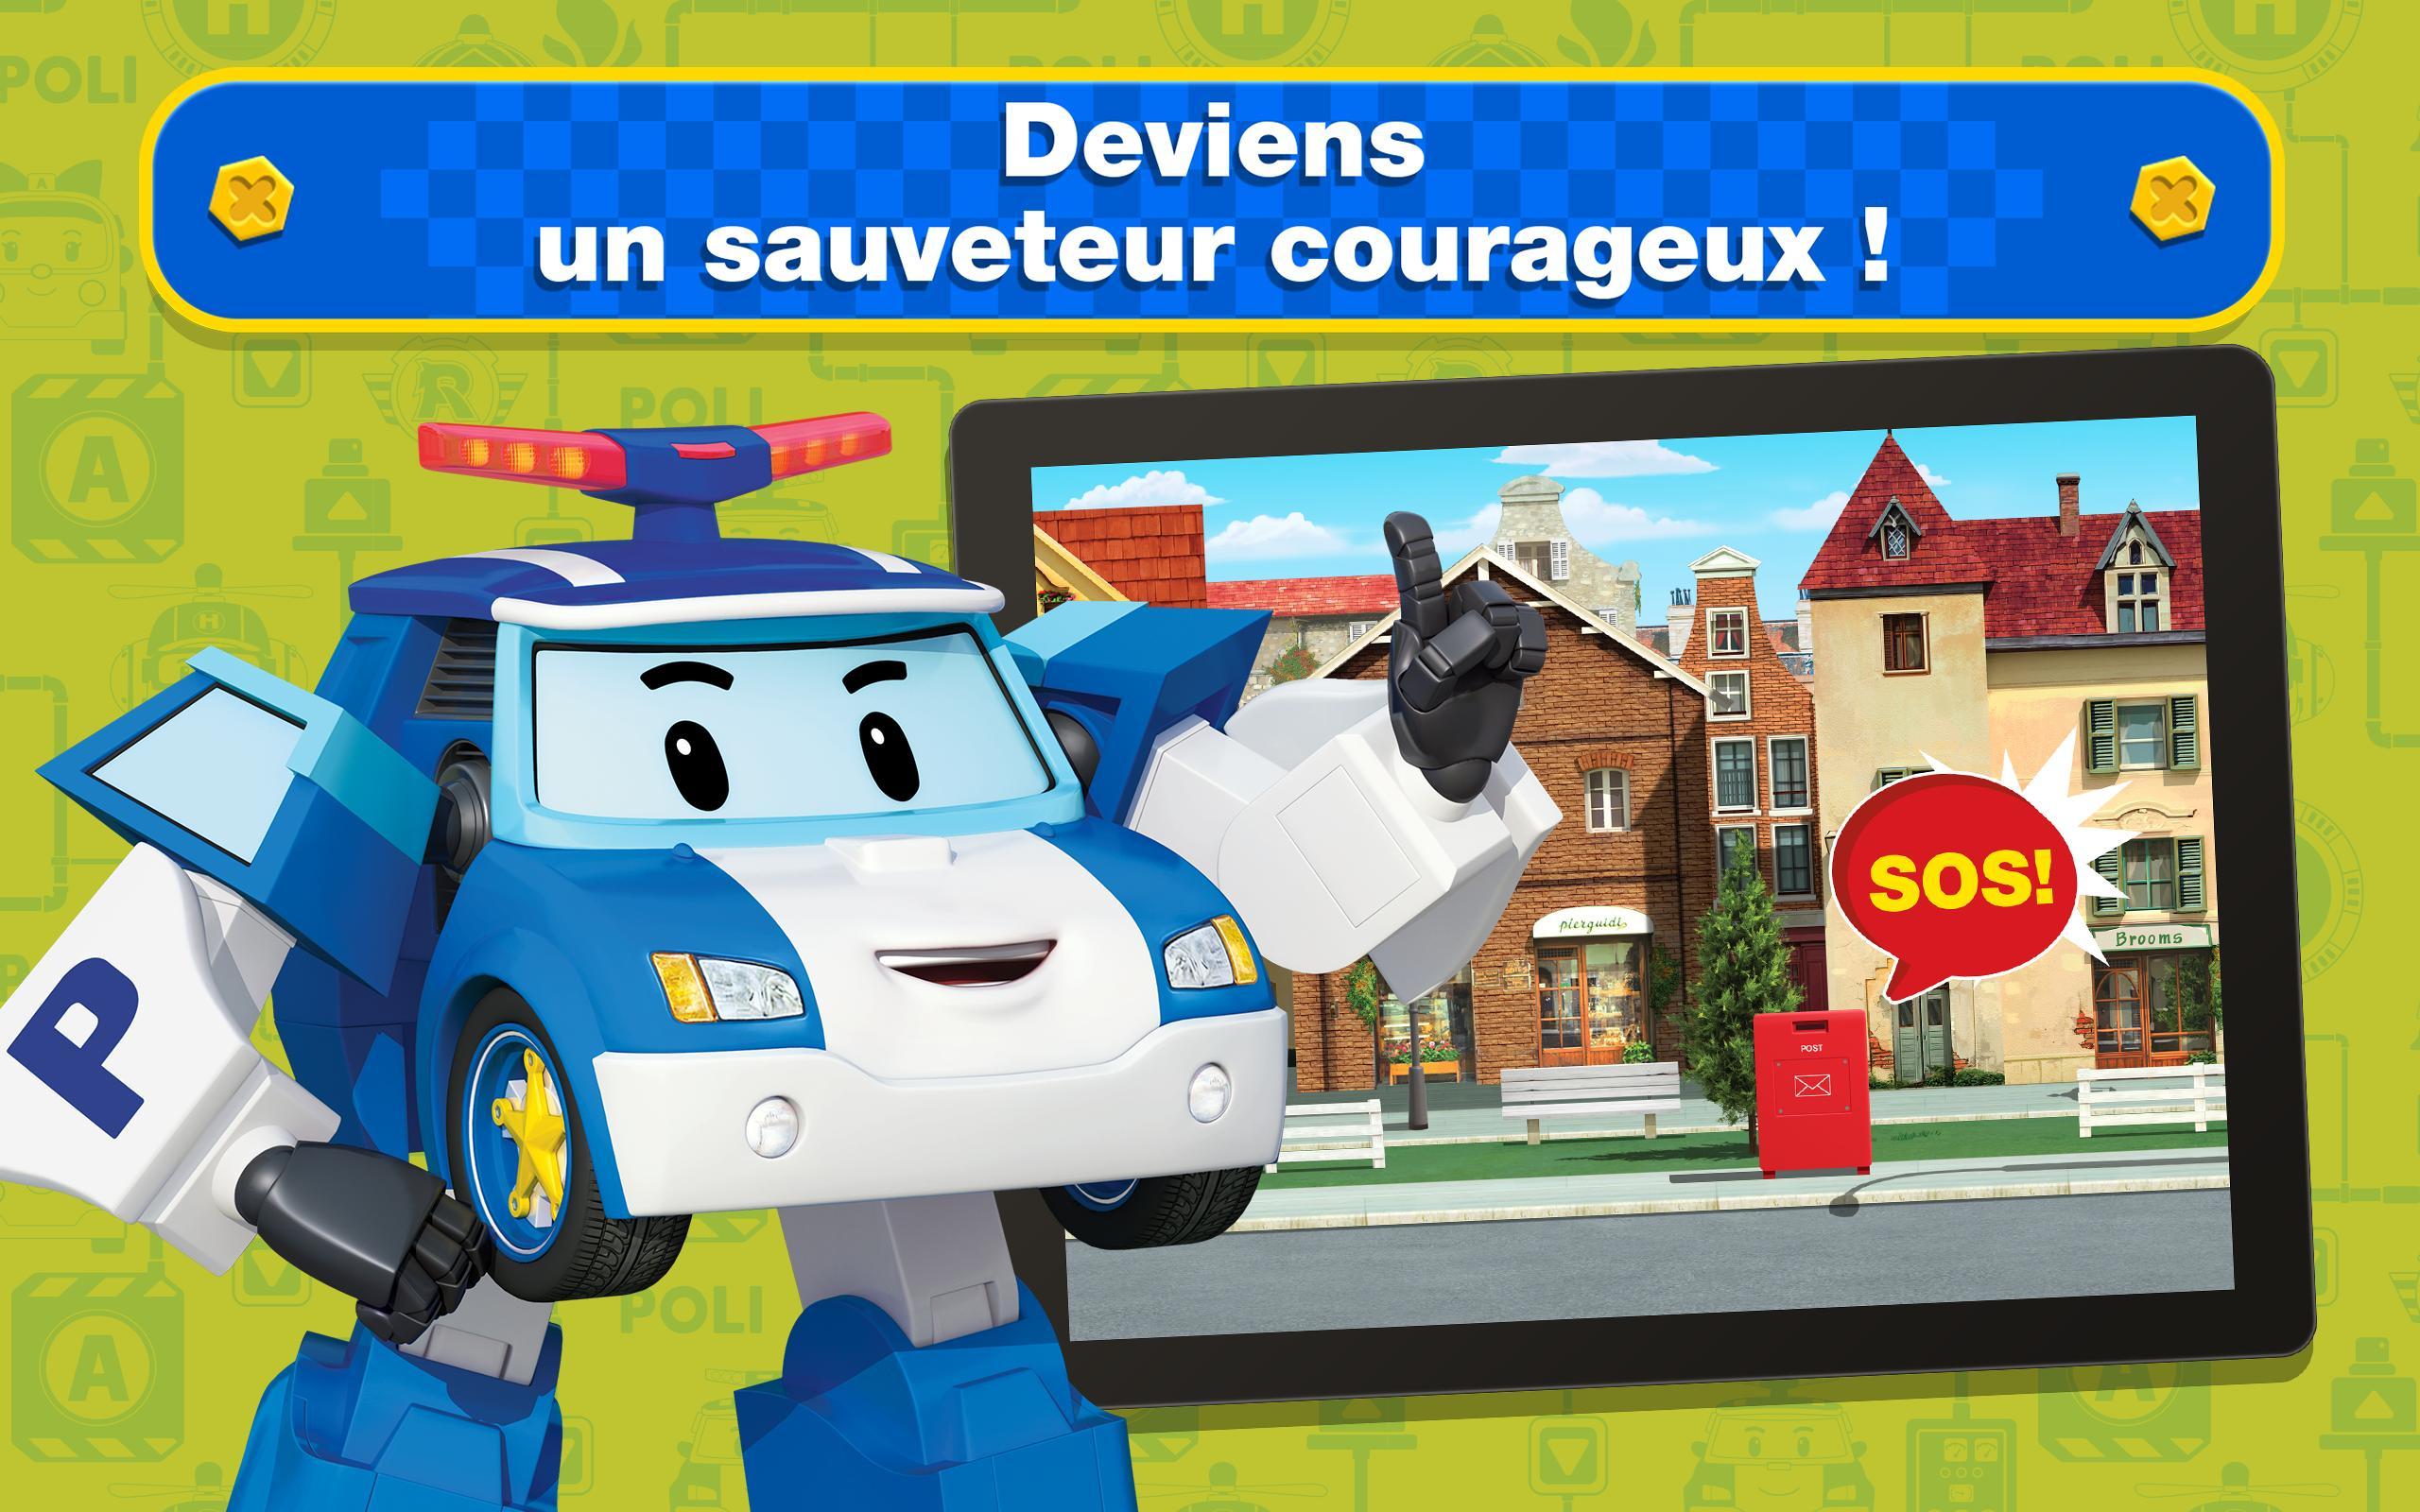 Robocar Poli Jeux 3 4 5 Ans Gratuit Games For Boys Pour intérieur Jeux 4 Ans Gratuit